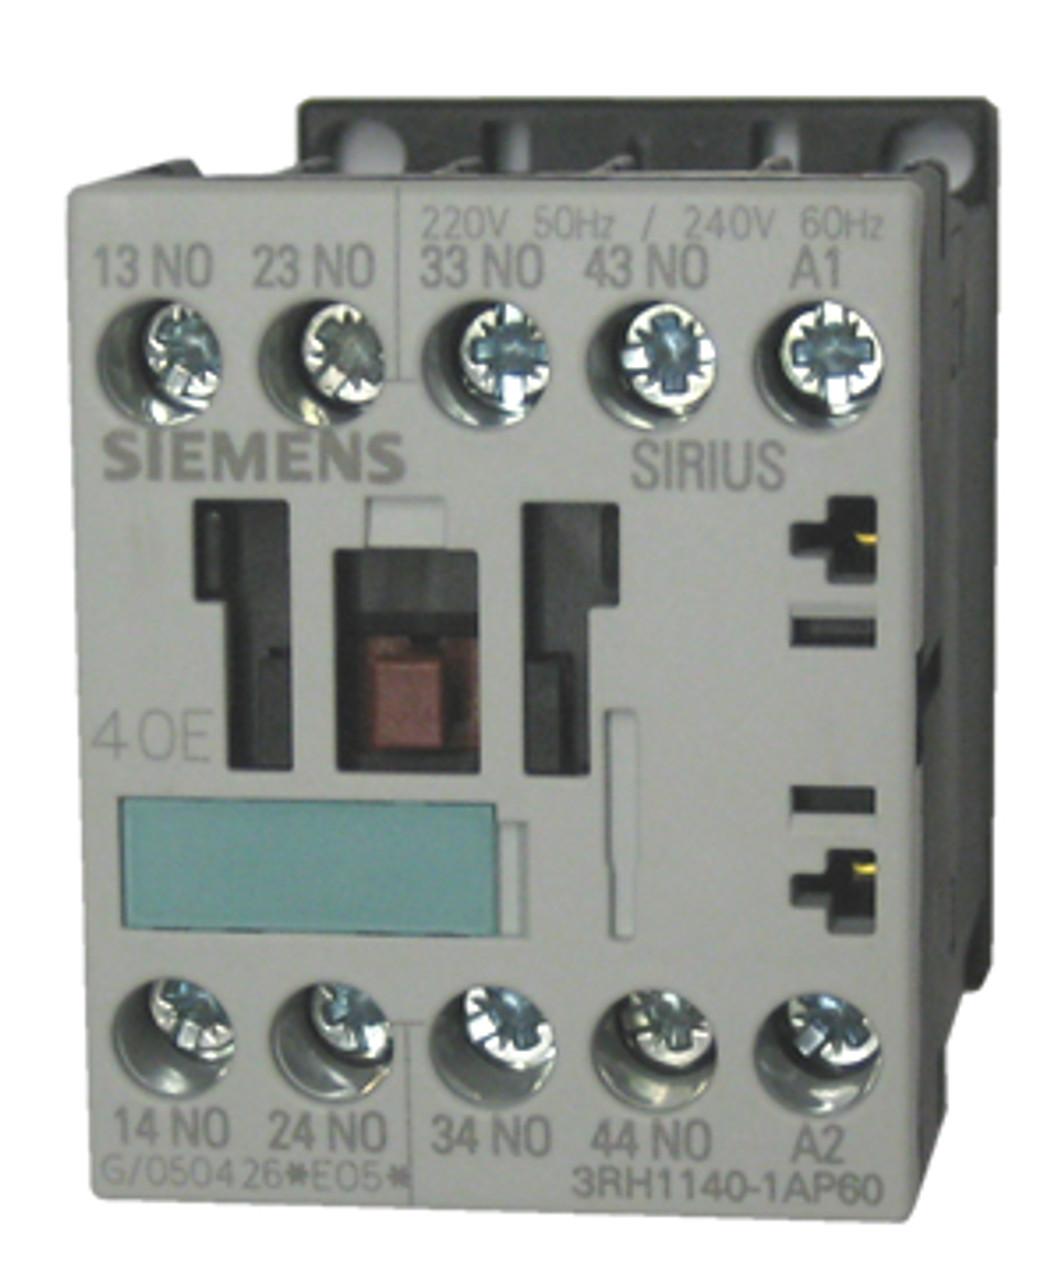 Siemens 3RH1140-1AP60 4 pole control relay